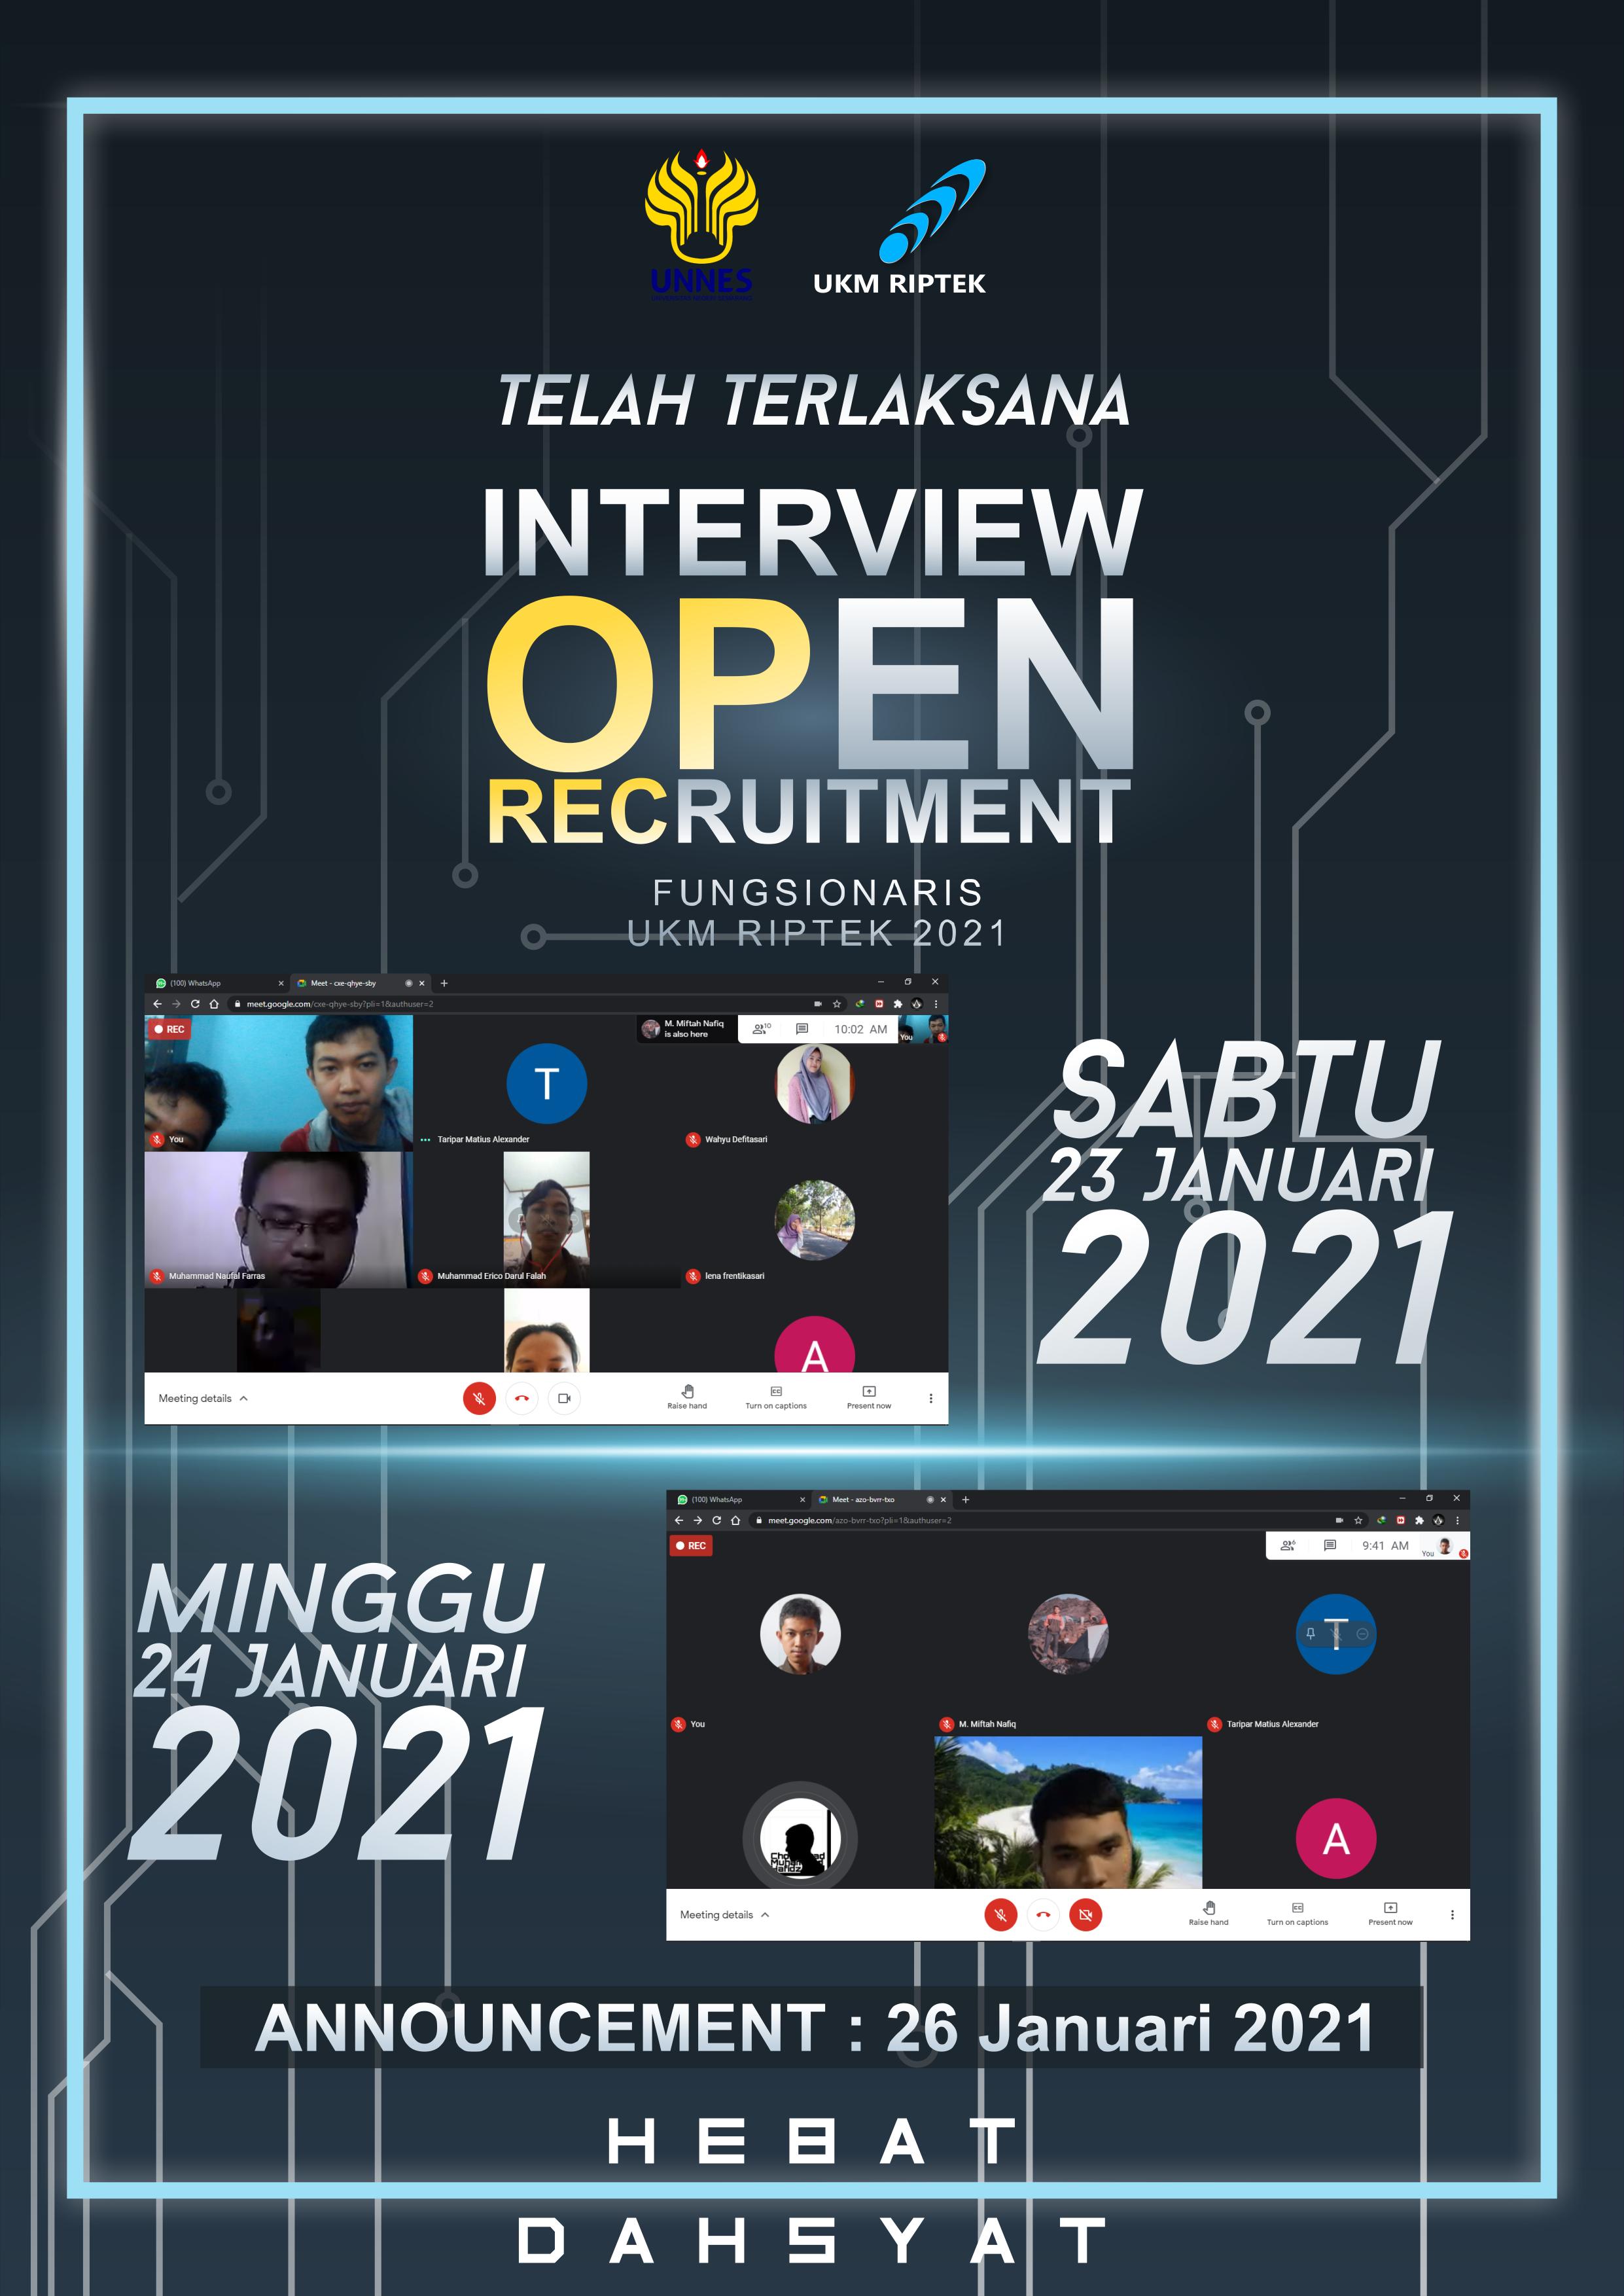 Oprec Online 2021